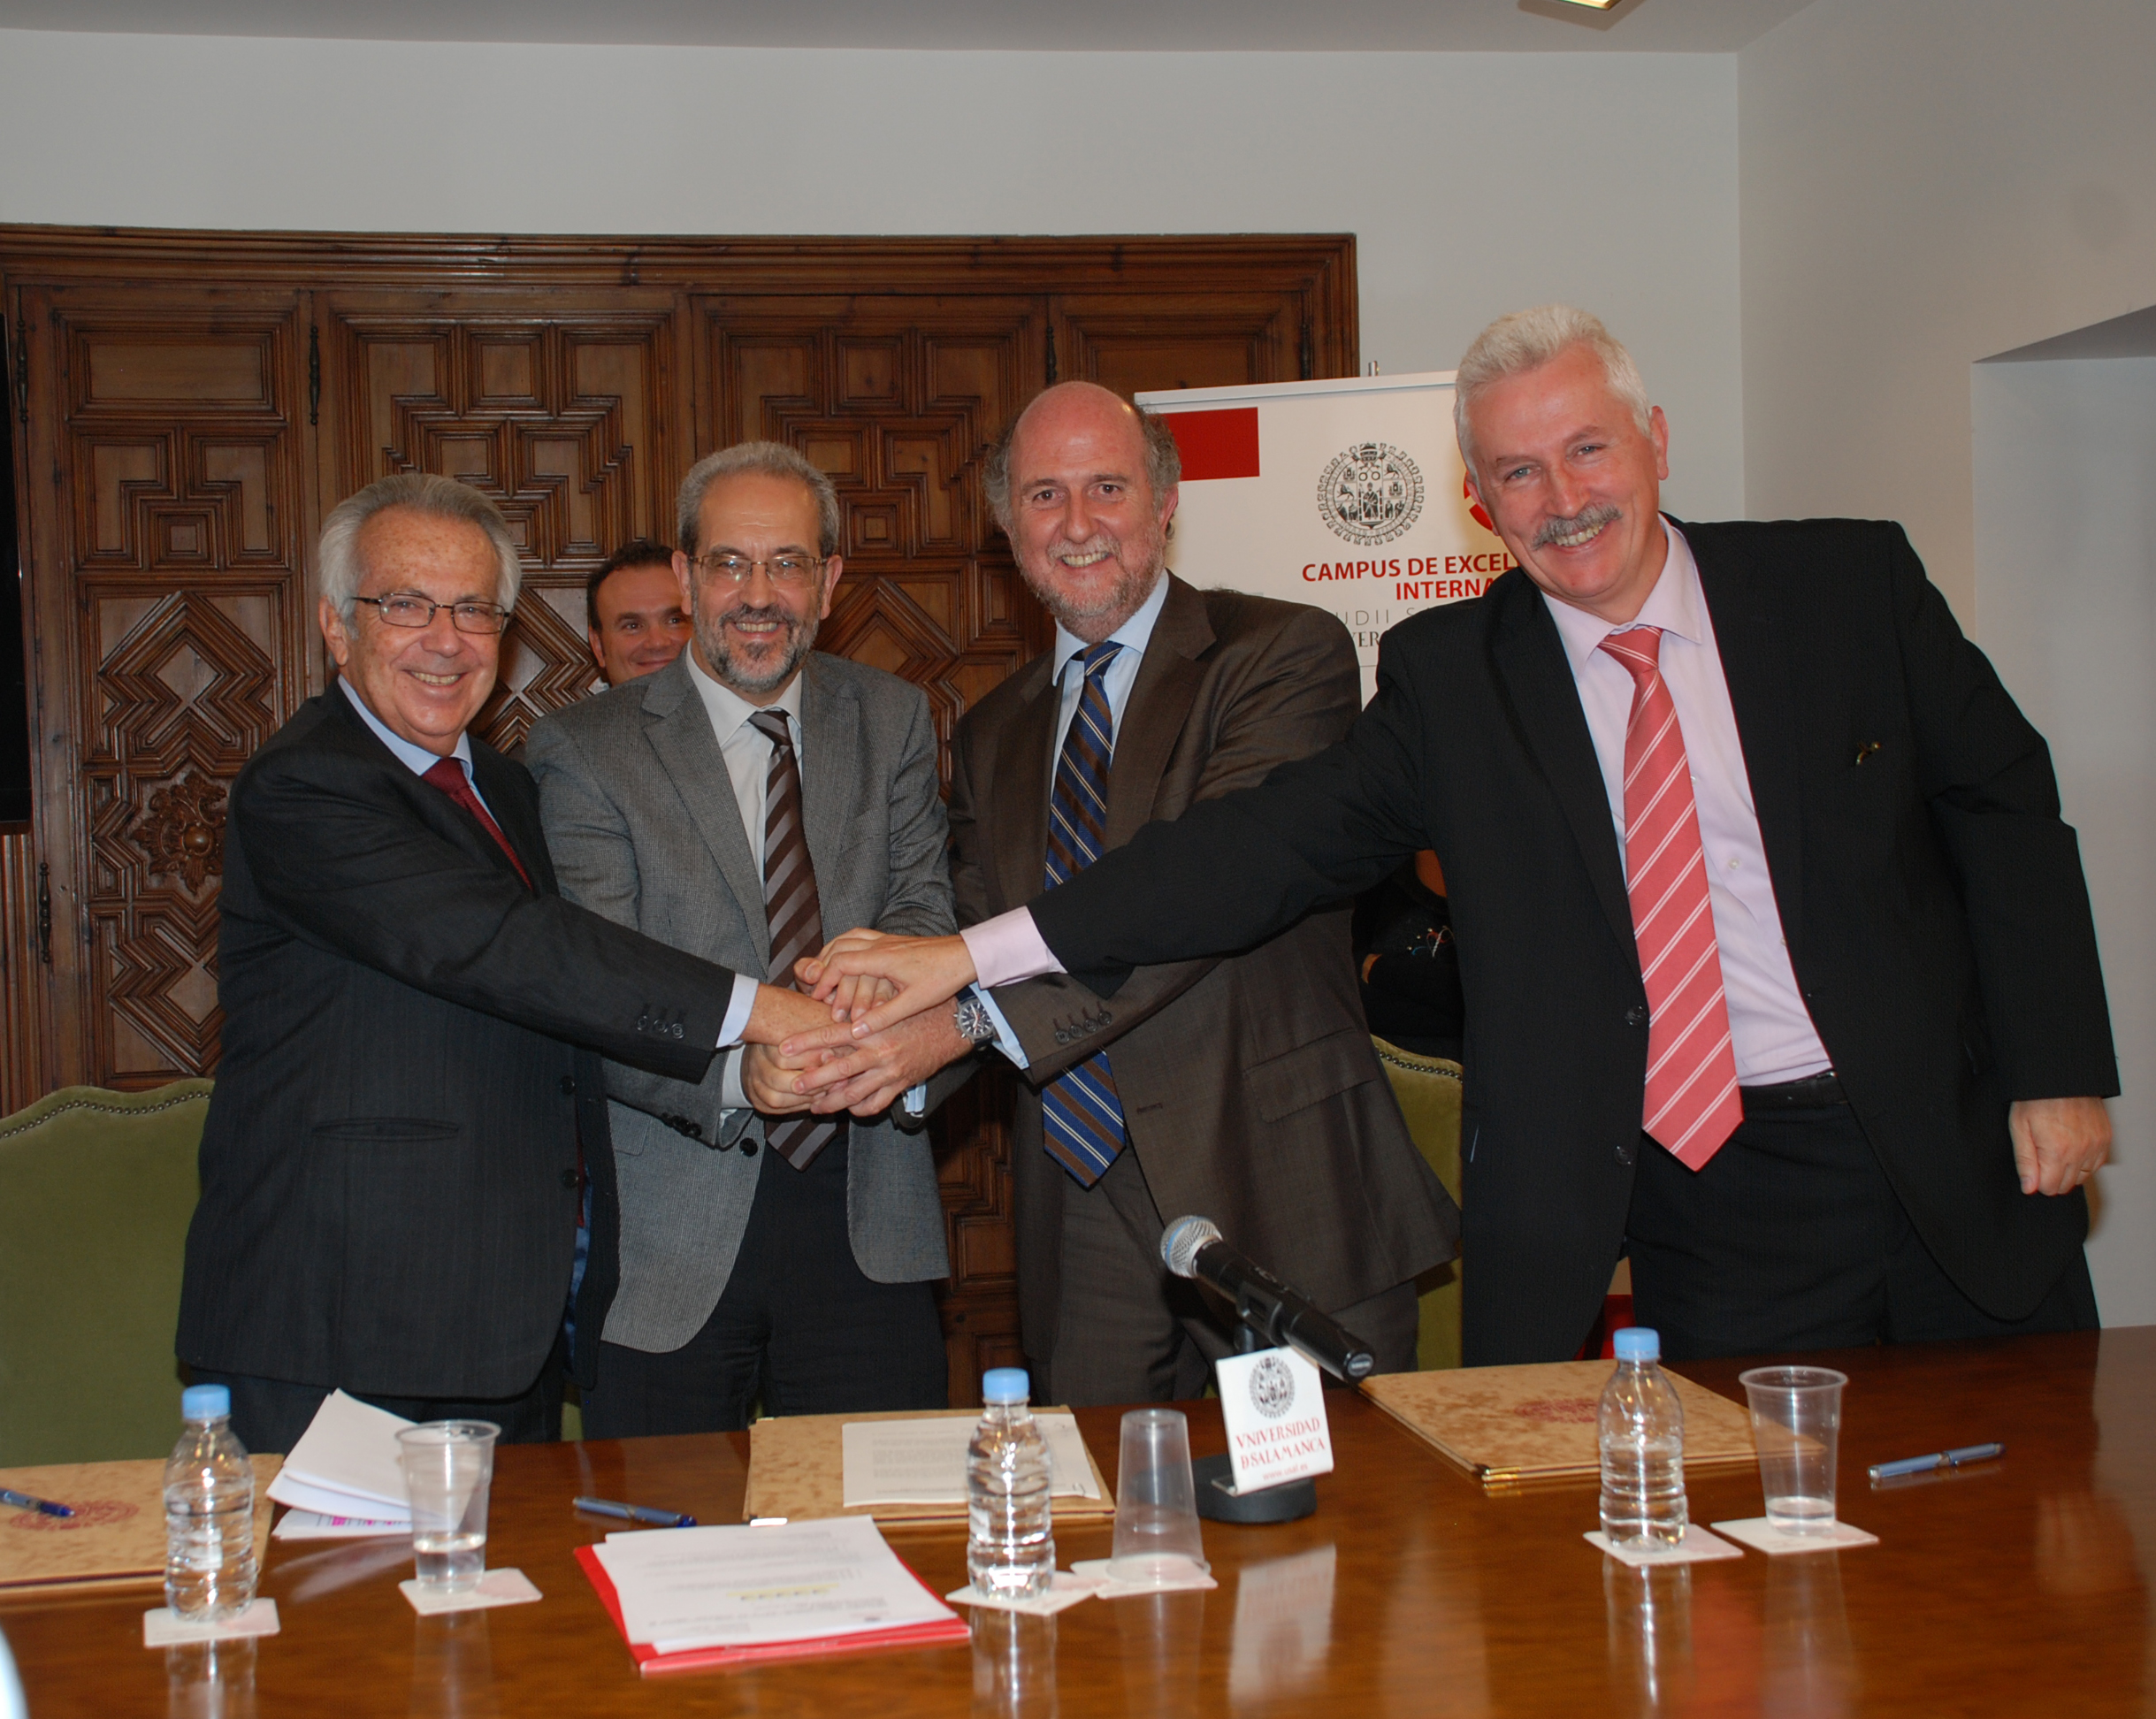 Firma de convenio entre la Universidad de Salamanca, la empresa Indra y la Fundación Adecco de Tecnología Accesible.